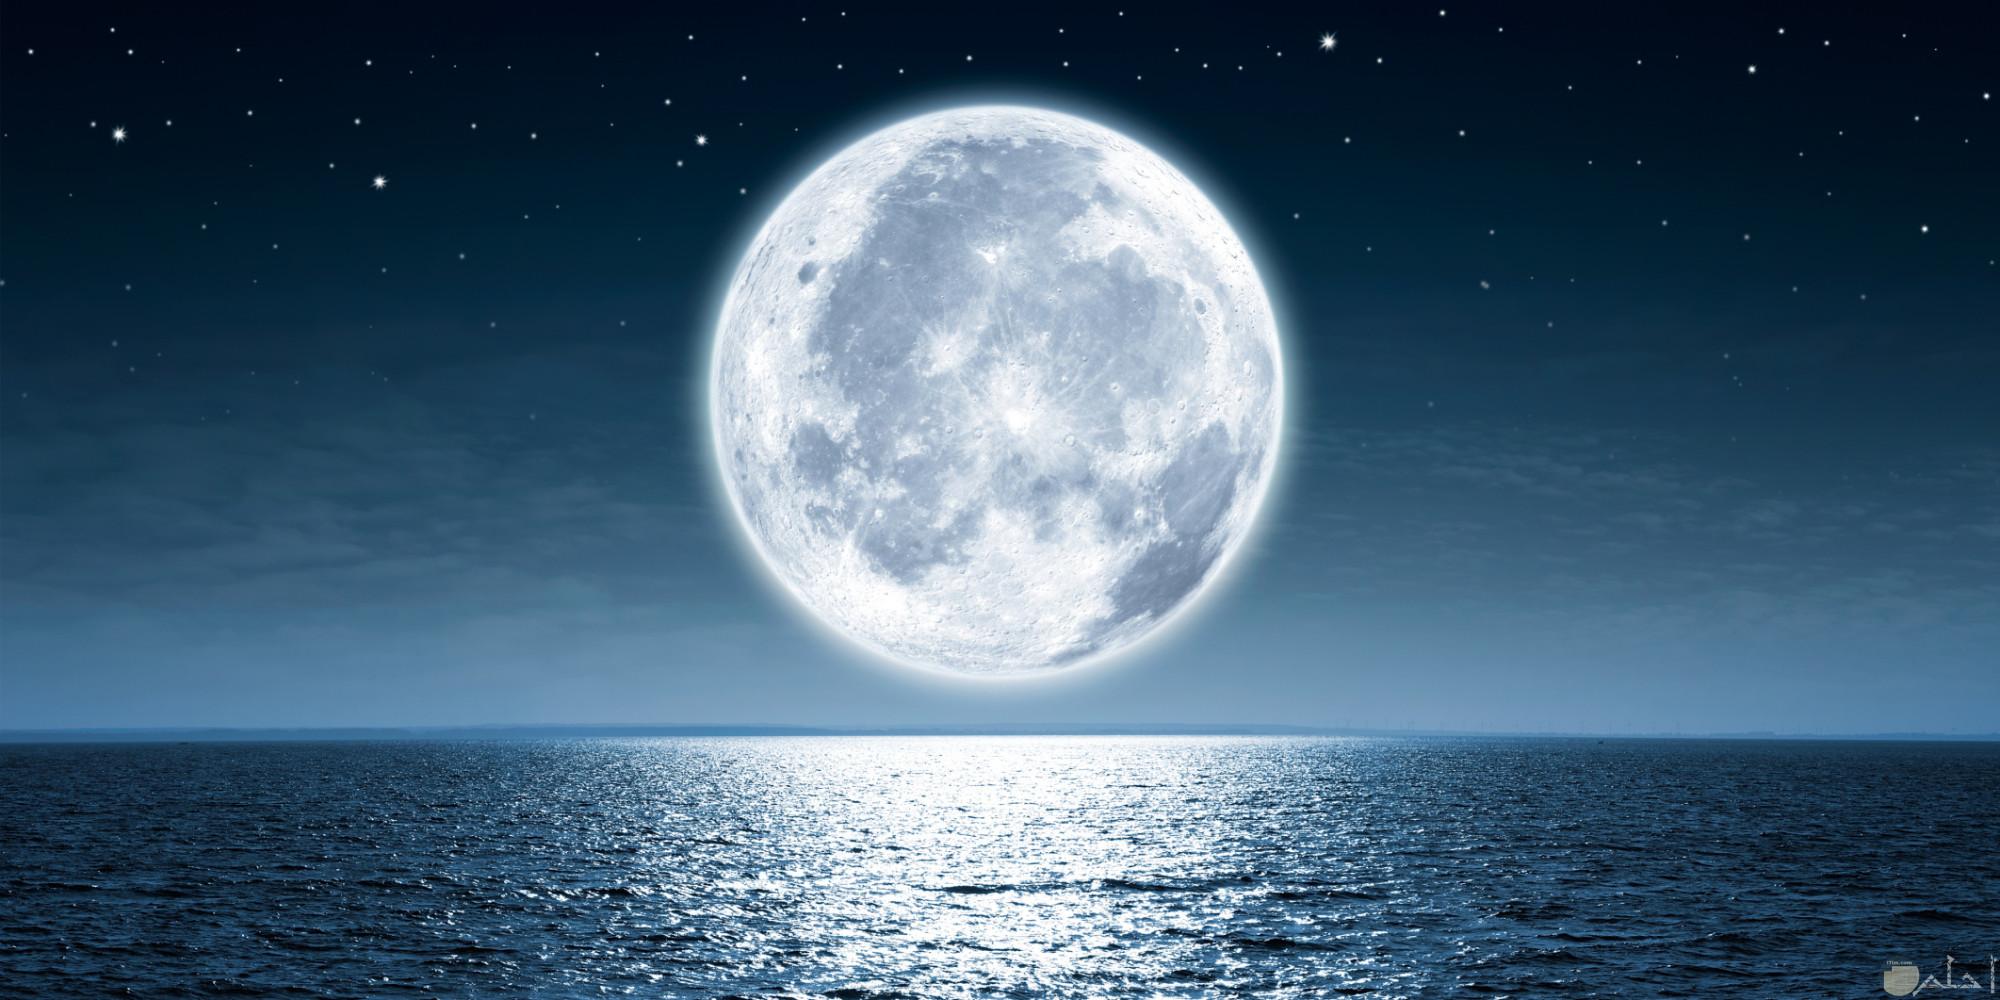 قمر مضيئ فوق بحر